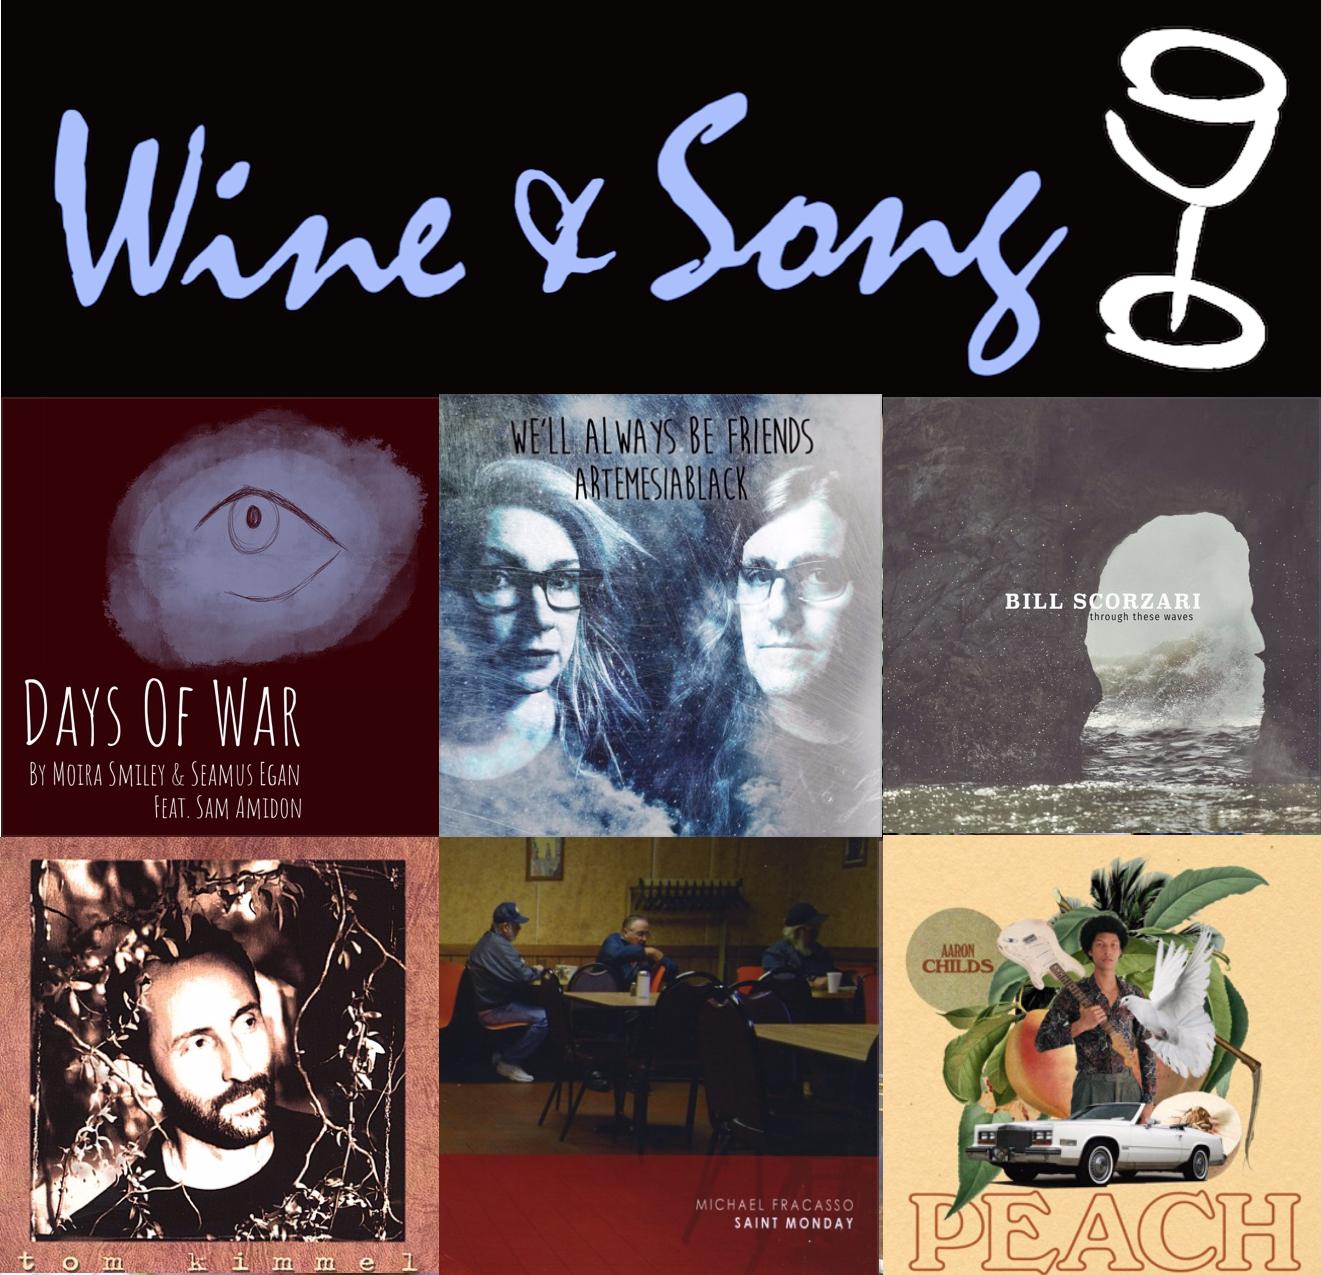 south-pasadena-news-10-29-2020-arts-wine-and-song